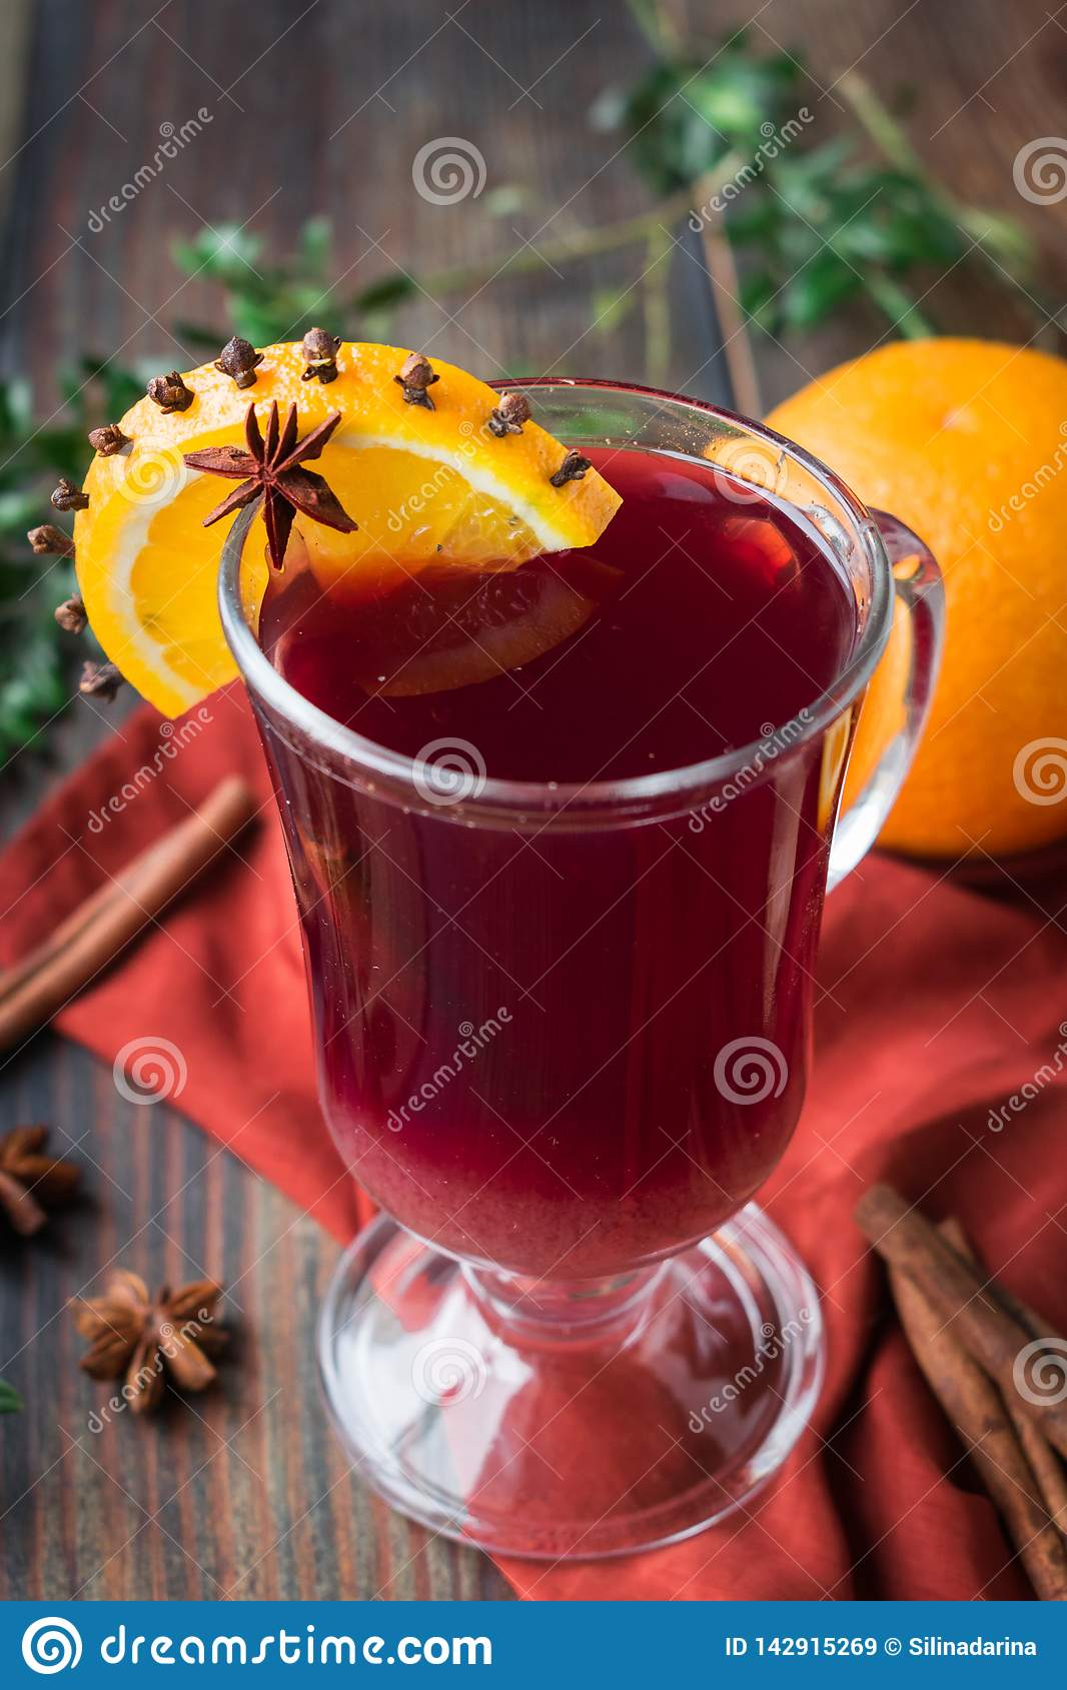 Vinho ferventado com especiarias não alcoólico do suco de uva com laranja e especiarias em um cálice de vidro